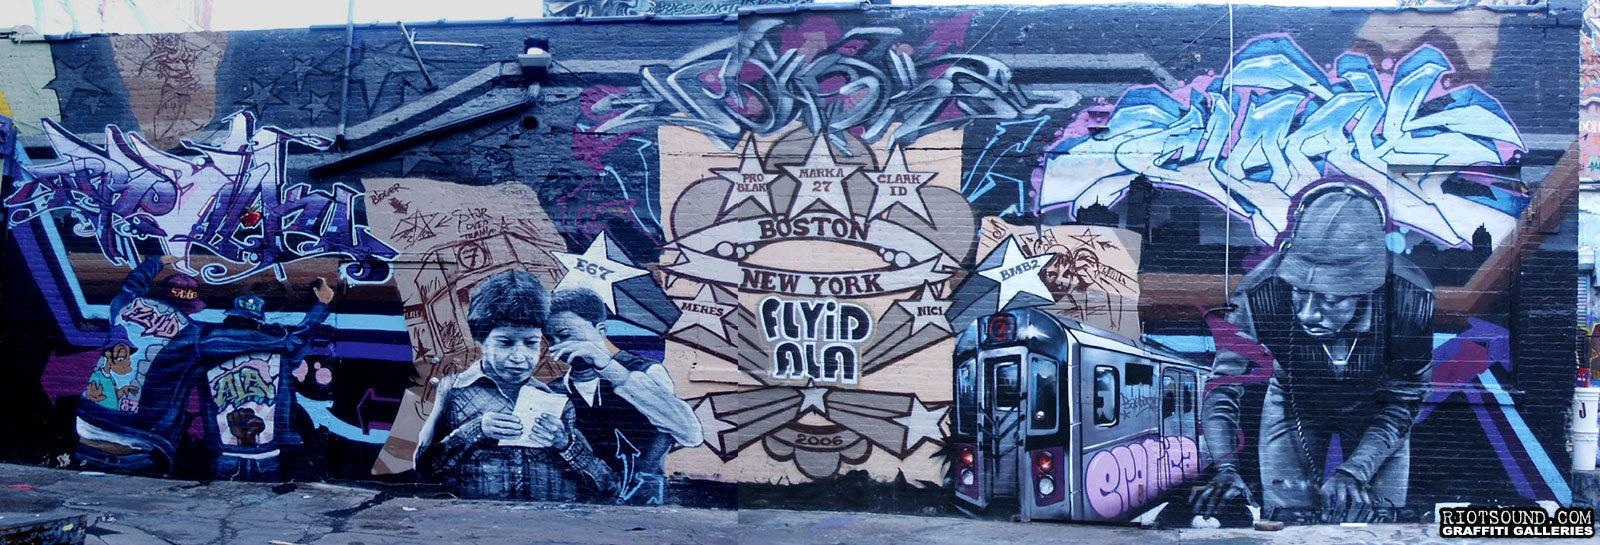 47 Graffiti Hip Hop Mural